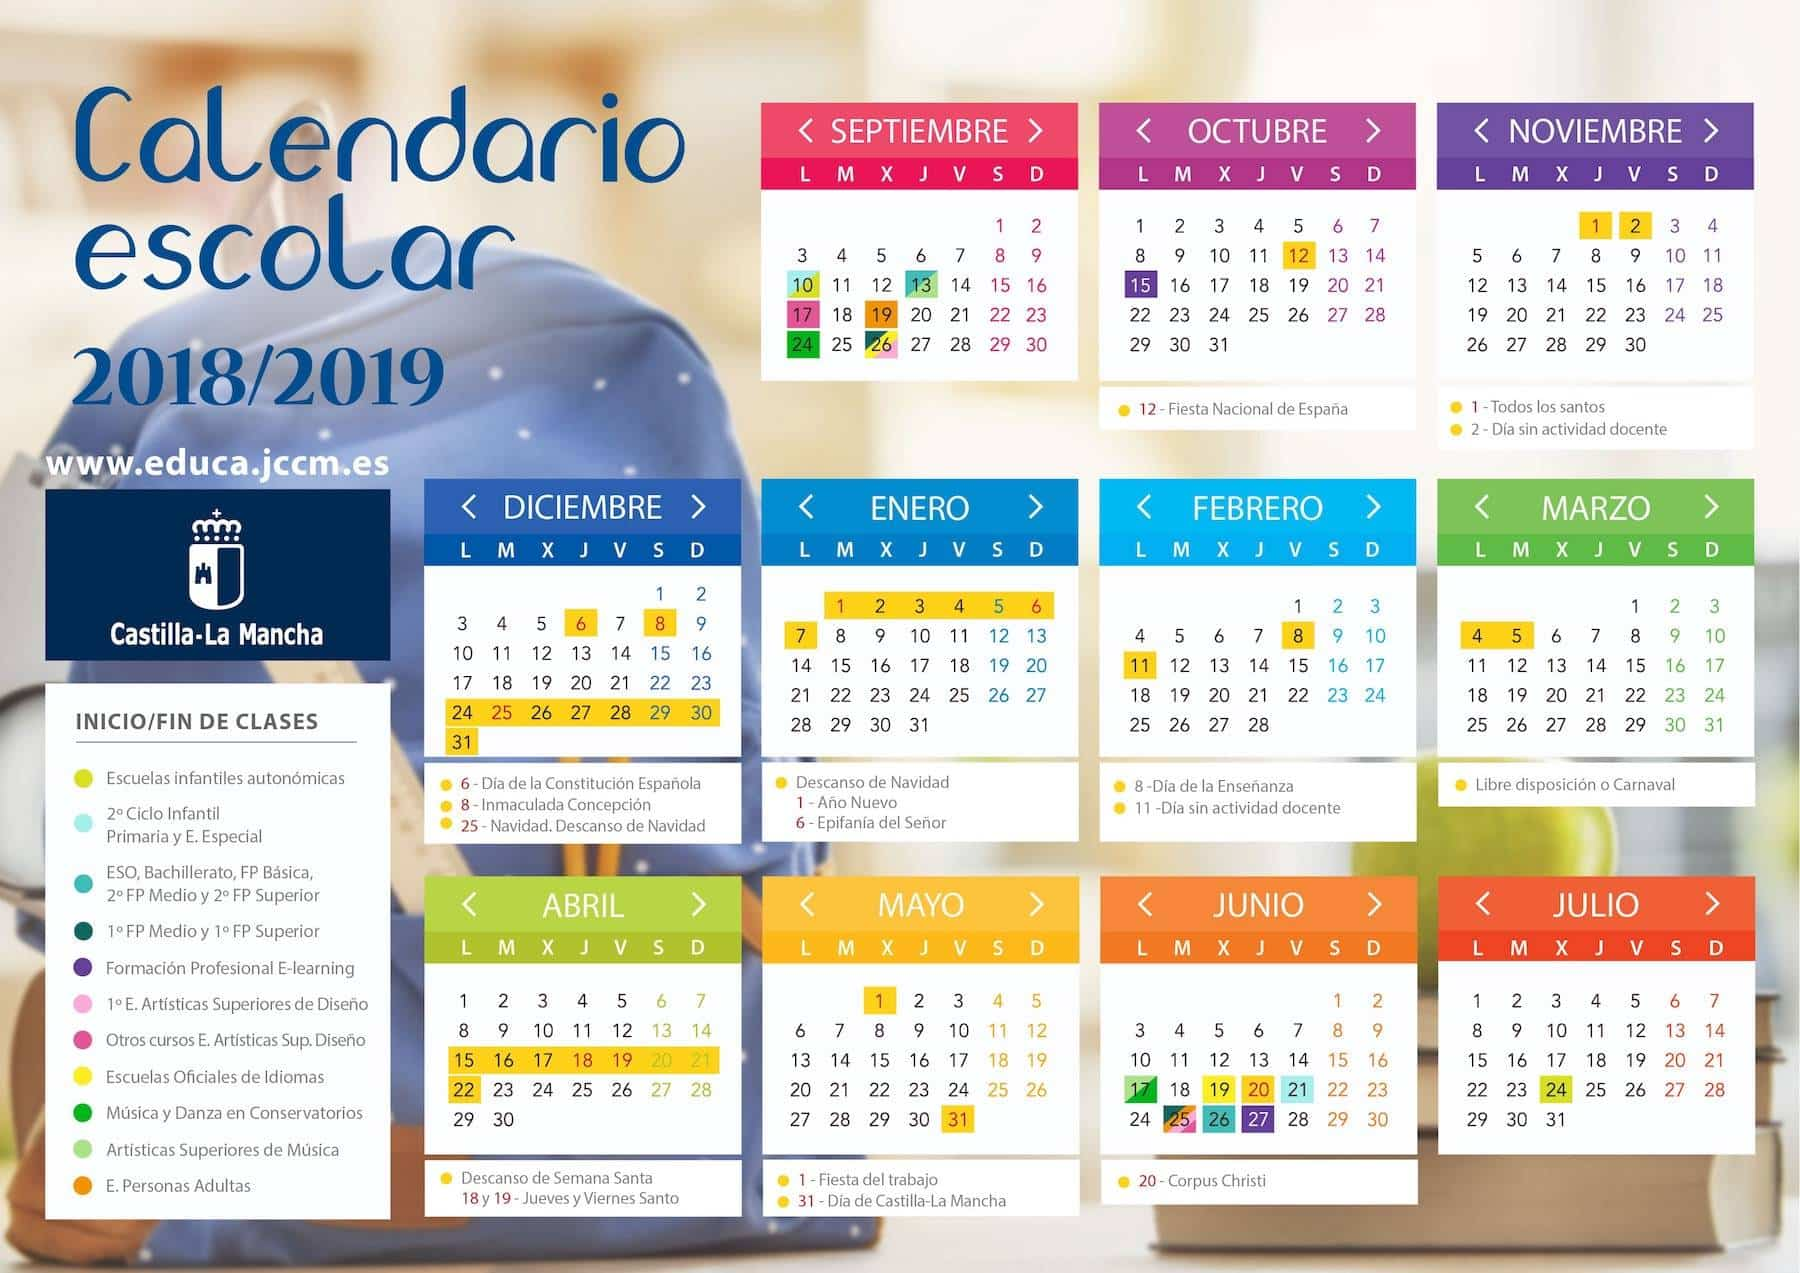 Calendario Escolar Galicia 2020 Y 2019.Calendario Escolar En Castilla La Mancha Para 2018 2019